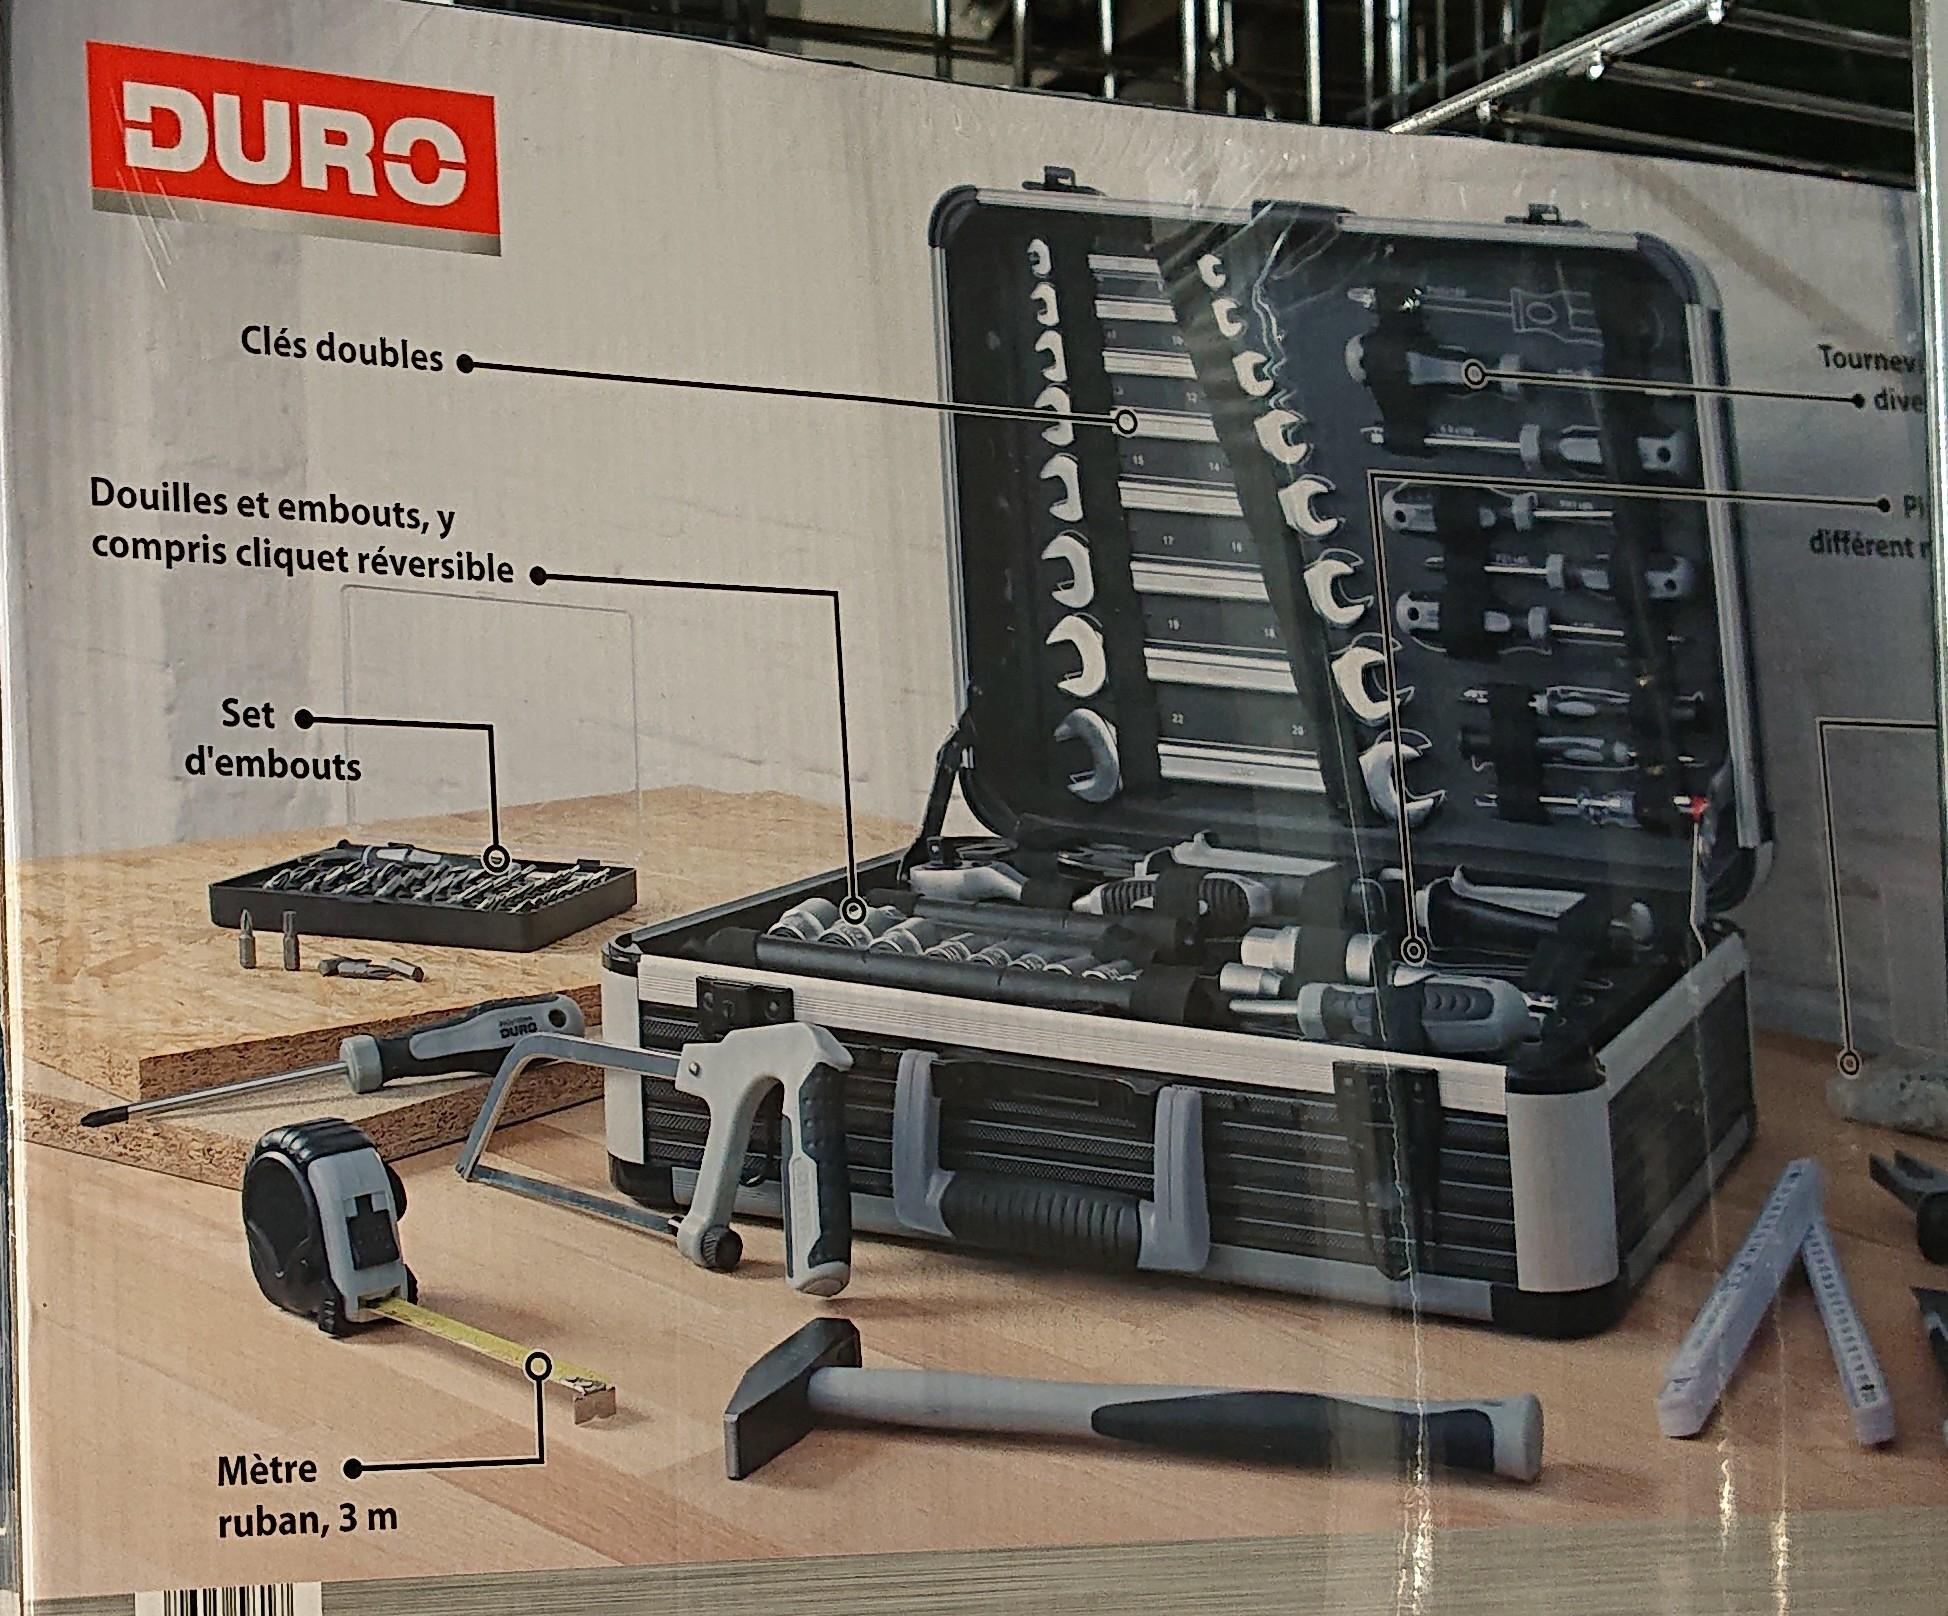 Coffret d'outils Elite Duro avec 128 pièces - Châlons en Champagne (51)